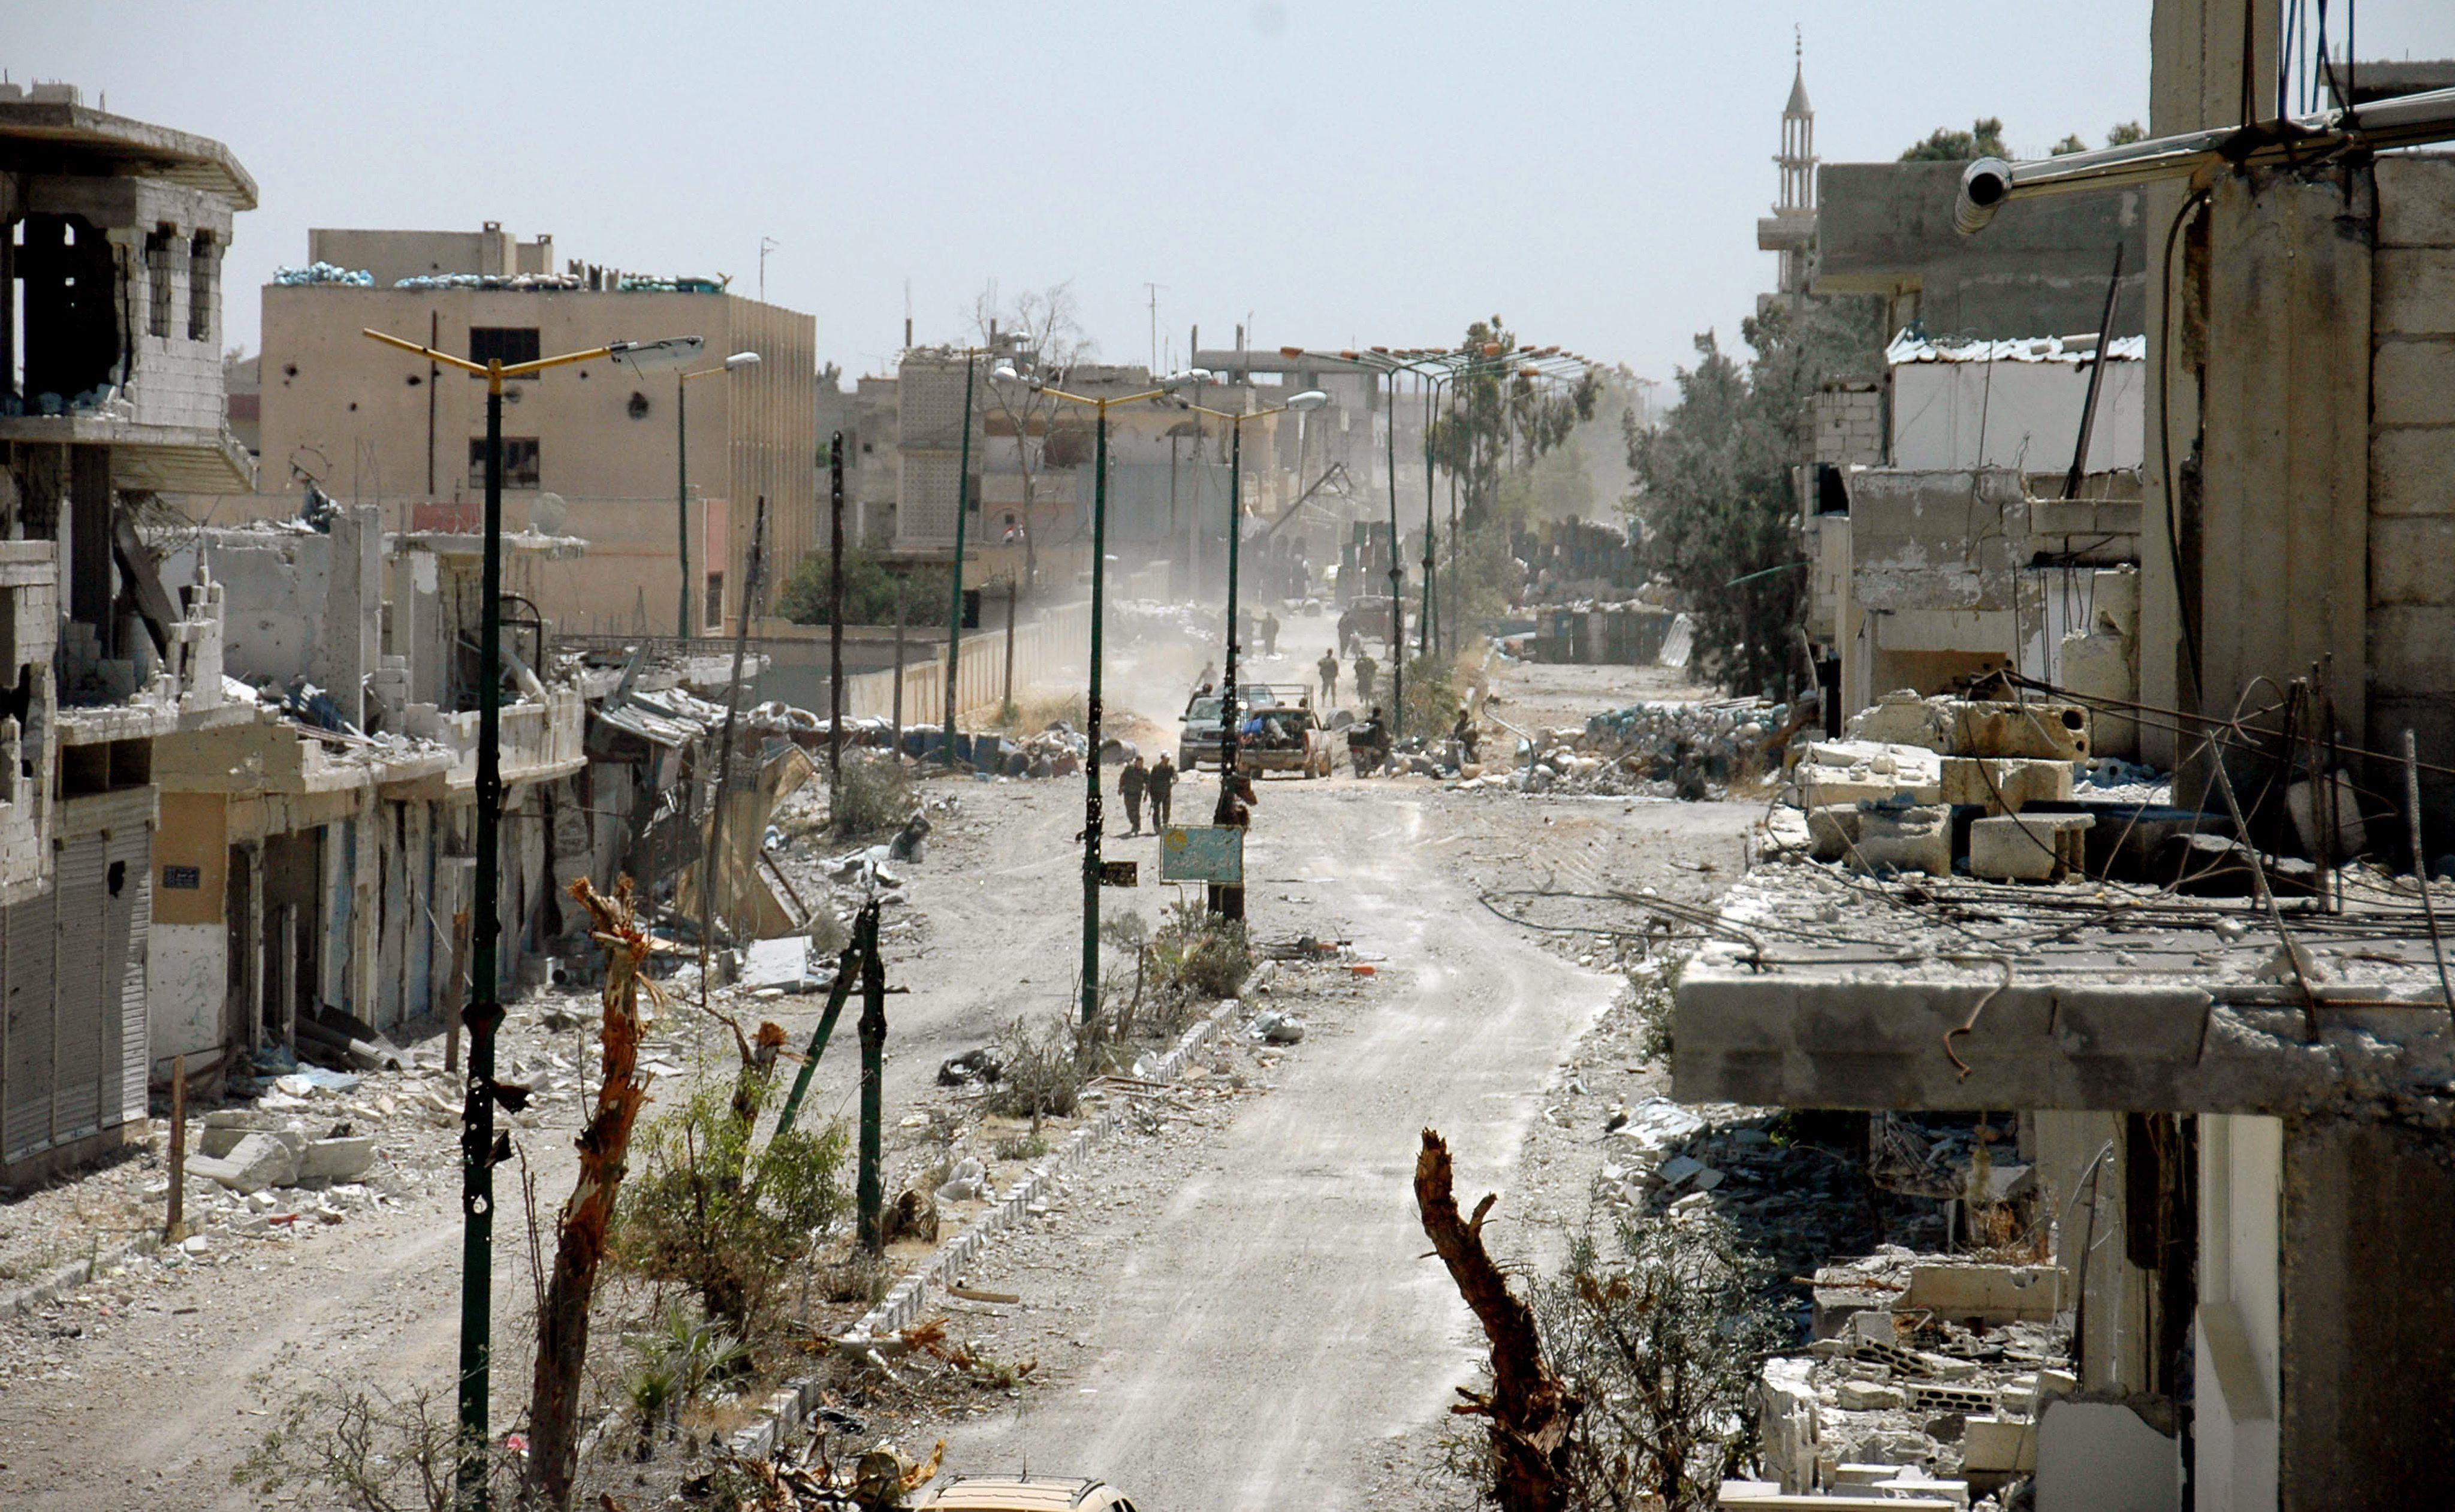 La oposición siria advierte de que el régimen puede usar armas químicas en Homs